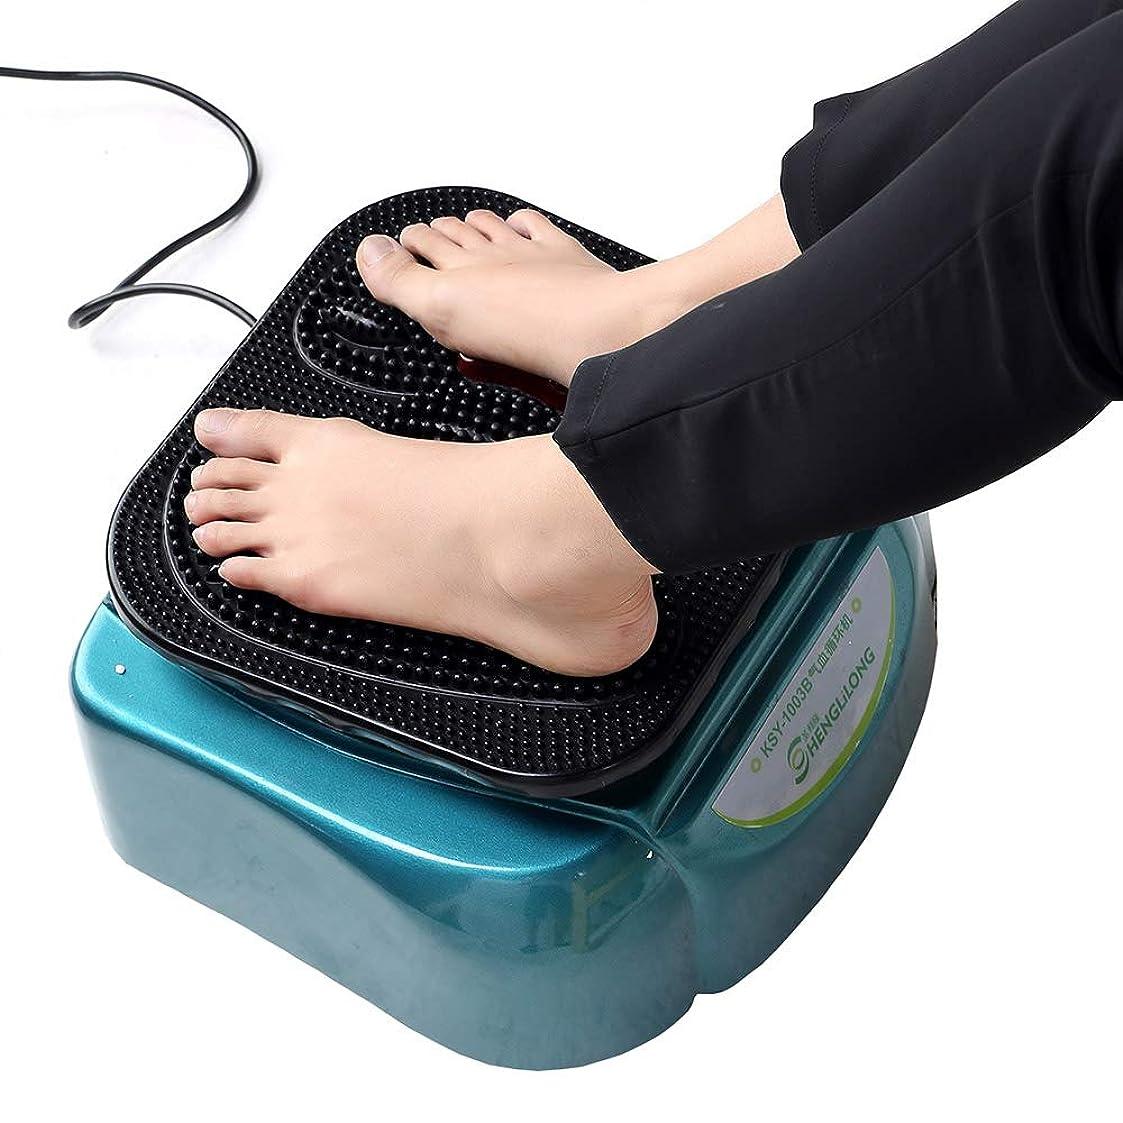 除外する植物の発行するリモコン 電気足のマッサージャーの血循環機械は足の痛みを和らげるために深く混練するさまざまなマッサージの技術を模倣します インテリジェント, Blue